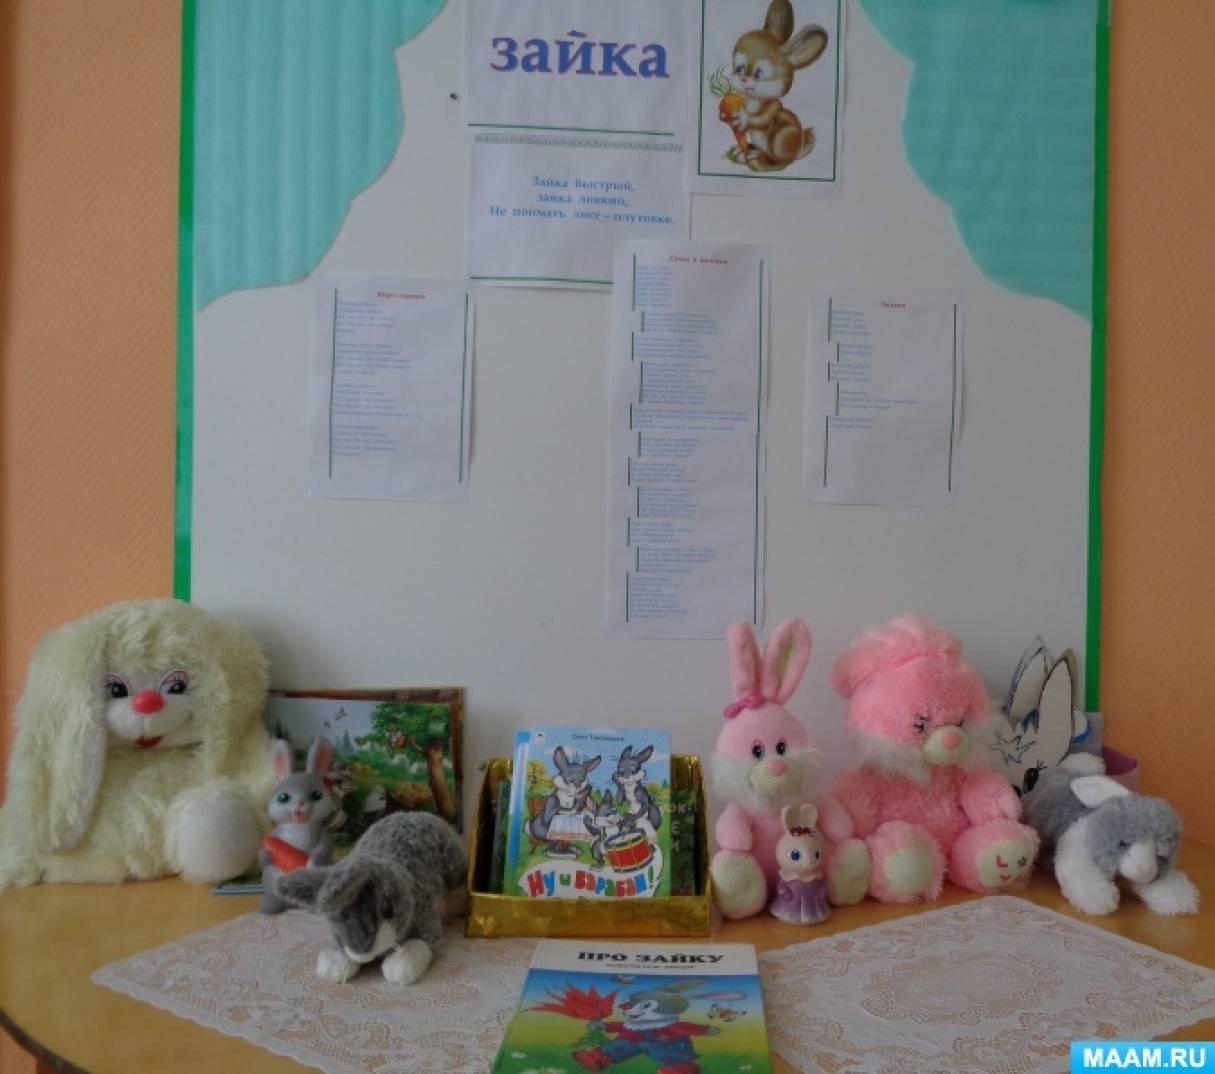 Мини-музей к проекту «Зайка» в первой младшей группе